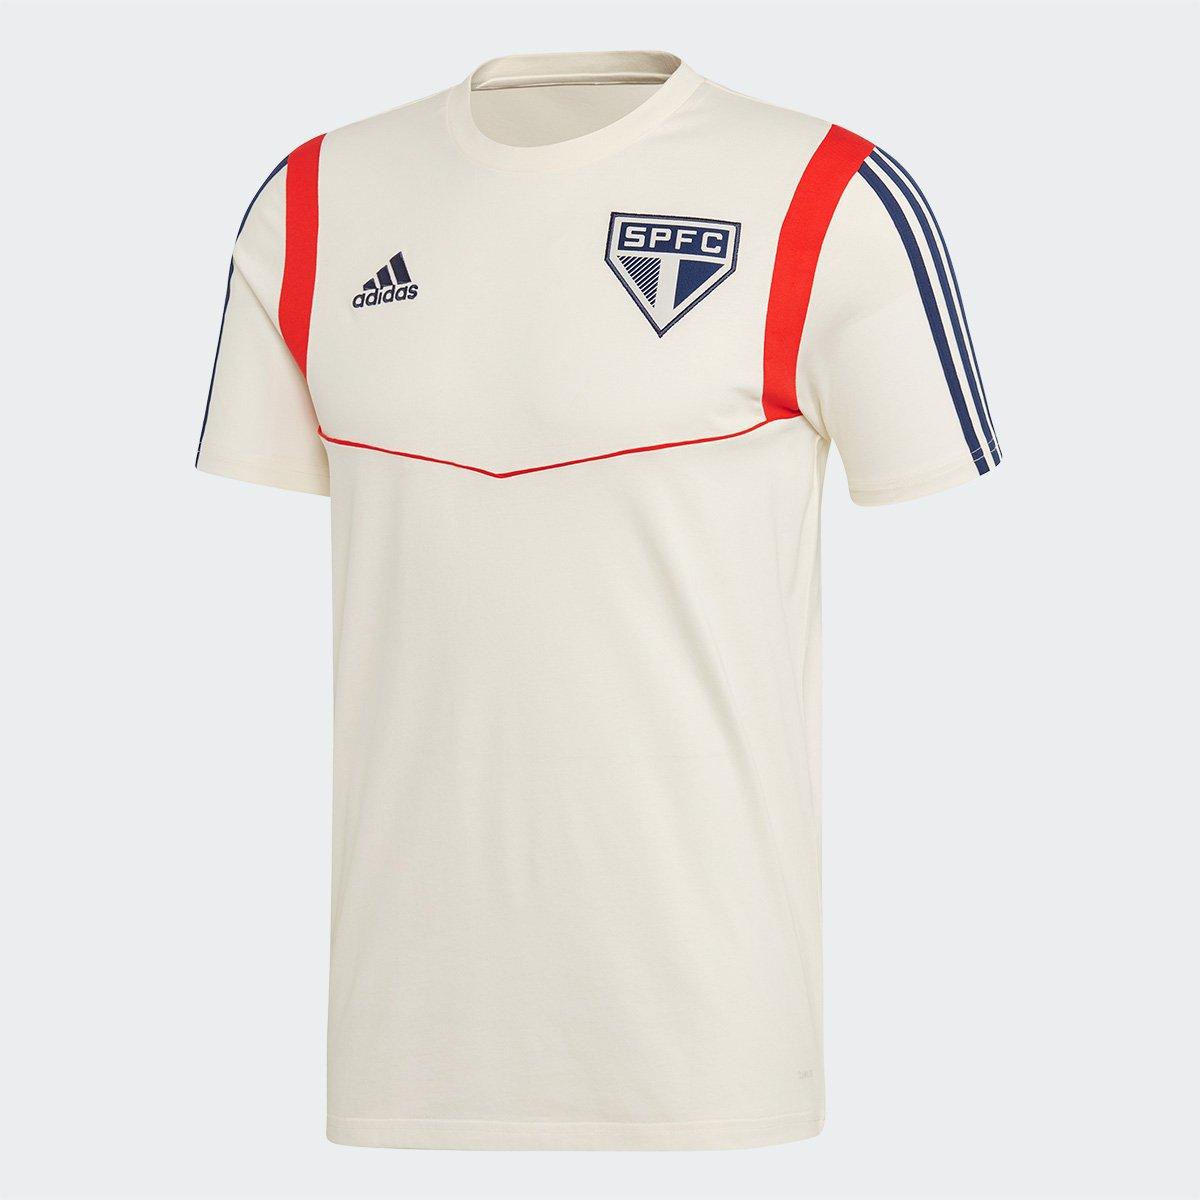 3c78aad45 Camiseta São Paulo Torcedor Adidas Masculina - Branco - Compre Agora ...